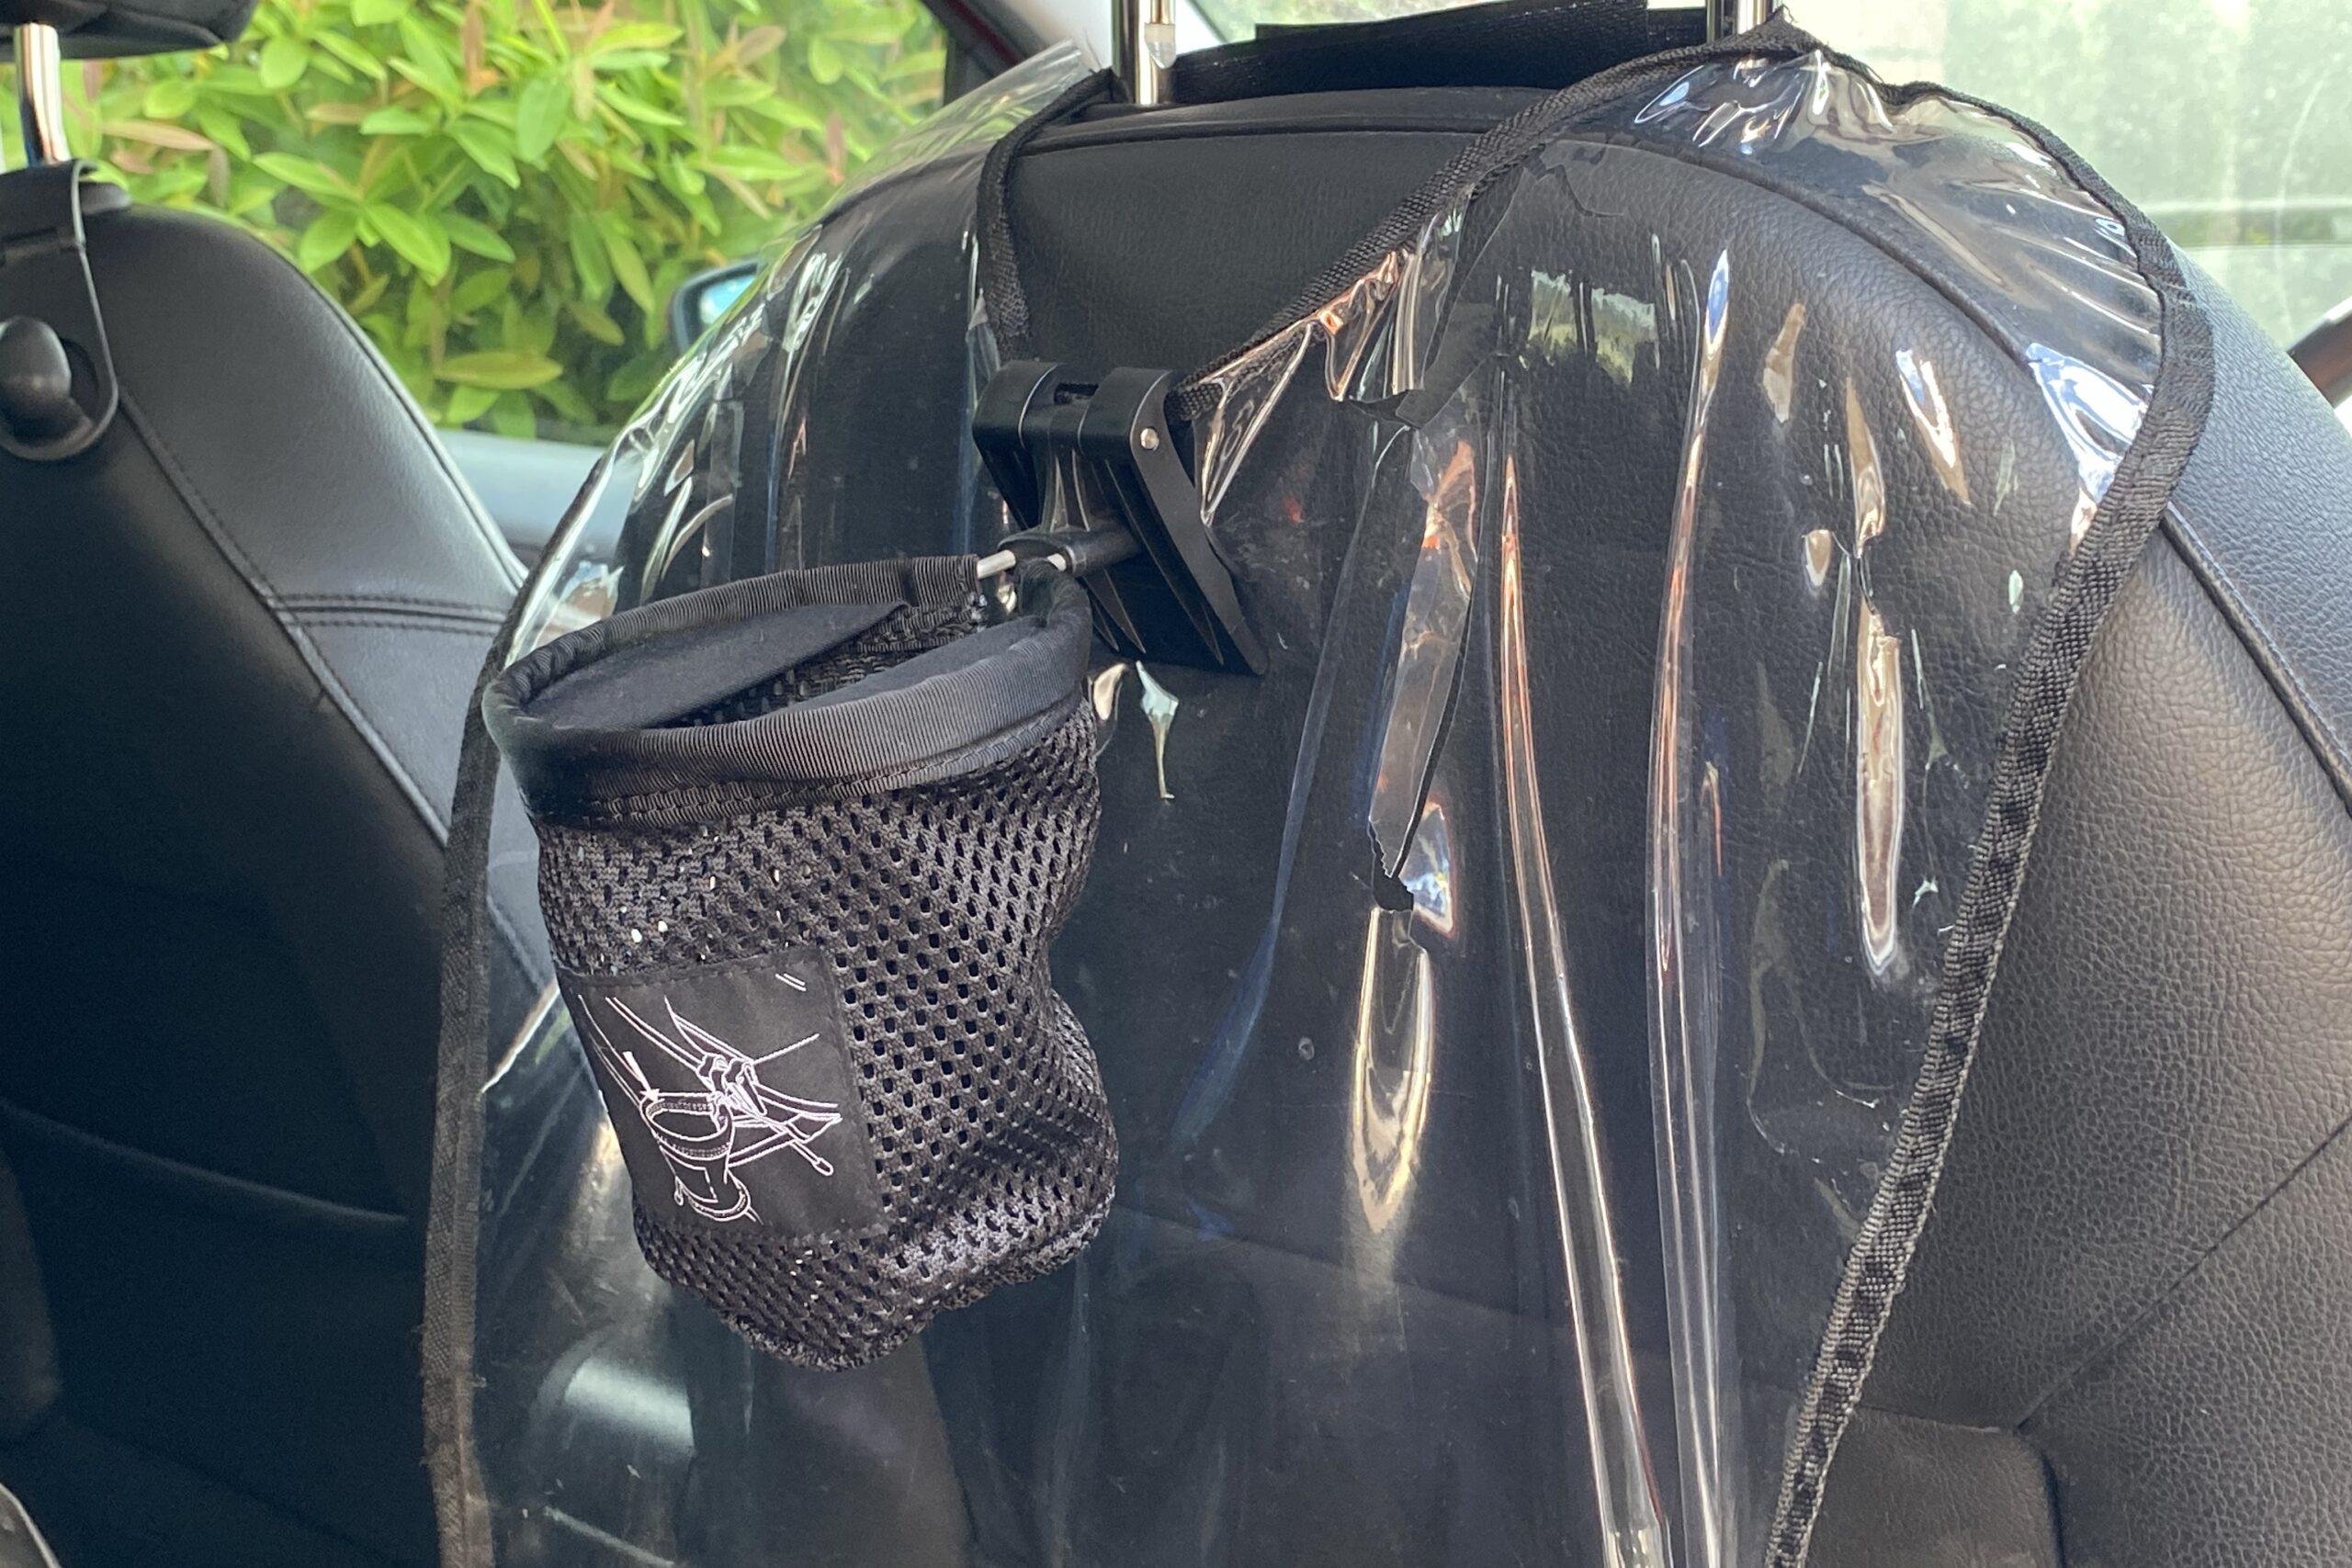 ヘリノックスのカップホルダーを車内で使用